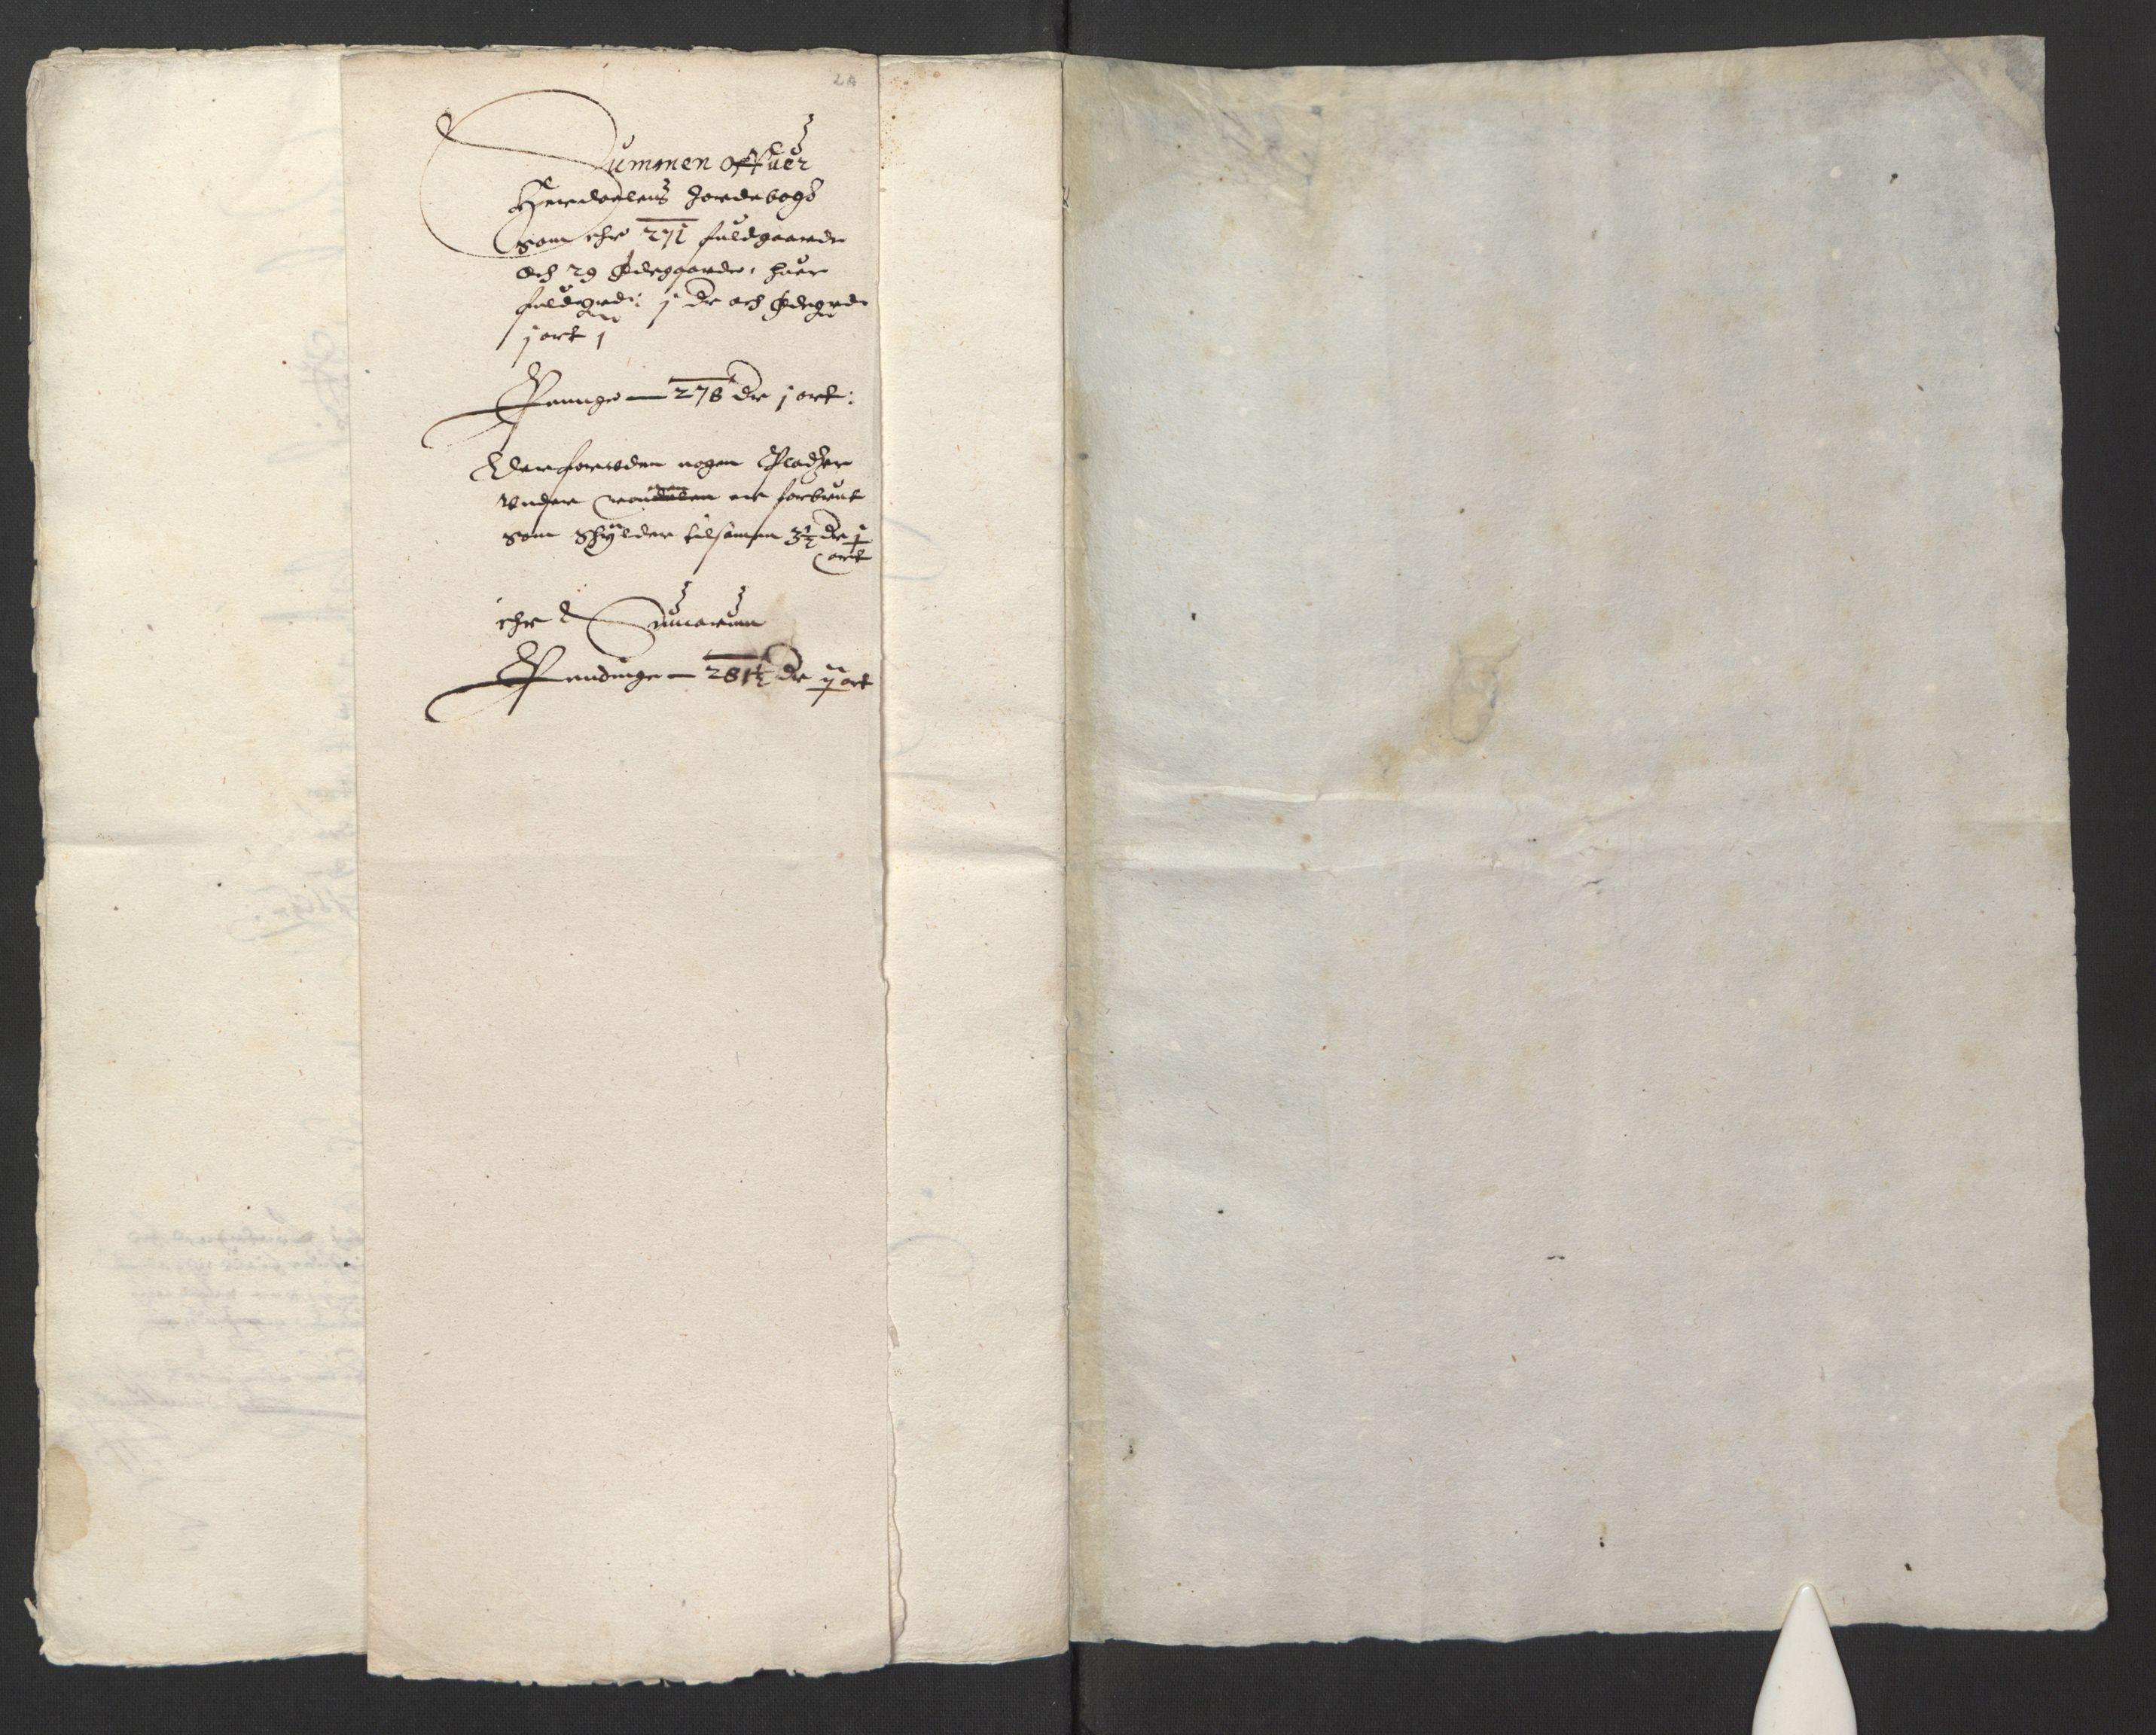 RA, Stattholderembetet 1572-1771, Ek/L0013: Jordebøker til utlikning av rosstjeneste 1624-1626:, 1624-1625, s. 147